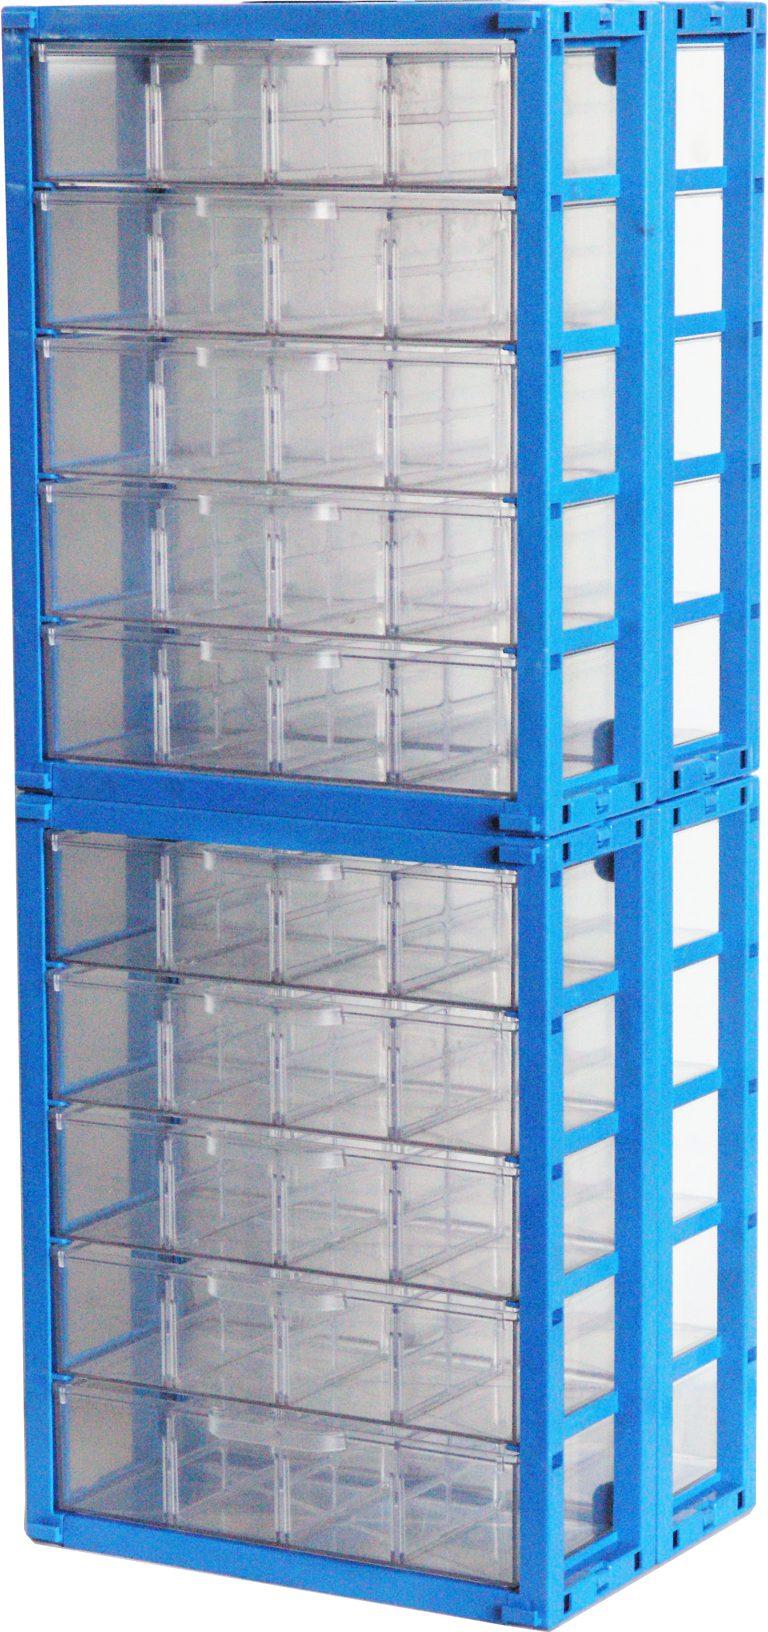 """ליגום מפתחת ומייצרת במפעלה שבחולון , מגוון פתרונות אחסון מפלסטיק . מערכת אחסון מודולרית מאפשרת שילוב של תאי פלסטיק שקופים , מגירות פלסטיק שקופות, תאים קטנים וגדולים נשלפים. רב תא בגדלים . תאי הפלסטיק השקופים מיוצרים מחומר מחוזק לעמידות בנגיפה , חומר הגלם הפלסטיק השקוף הוא ממשפחת חומרי גלם ABS . יתרון בולט של החומר הוא בעמידות לטווח שימוש של שנים רבות , עמידות בשמנים וכימיקלים . מחיצות שקופות וקופסאות פלסטיק קטנות – חלוקת שטח מגירות פלסטיק אטומות / תאים קטנים שקופים / תאים גדולים שקופים לתאי אחסון קטנים יותר על ידי התאמת מספר המחיצות הנדרשות לצרכי האחסון. מגירות פלסטיק שקופות בגדלים שונים, בנייה מודולרית של מגירות פלסטיק קשיחות ללא צורך במידוף מתכת. חלוקת מגירות לפי מטרות בהתאמה. מחלק מגירות. חוצץ פלסטיק למגירות. הוספת מחיצות לחלוקה פנימית של מגירות הפלסטיק. מחיצות המאפשרות לעצב ולתכנן את שטחי האחסון בתוך תאי הפלסטיק בהתאם לצרכים ולמוצרים המאוחסנים בתוכן. ניתן לנצל את שטח האחסון באופן אופטימלי ו""""להרוויח"""" מקום אחסון נוסף על ידי חלוקה חכמה של פנים תאי הפלסטיק."""